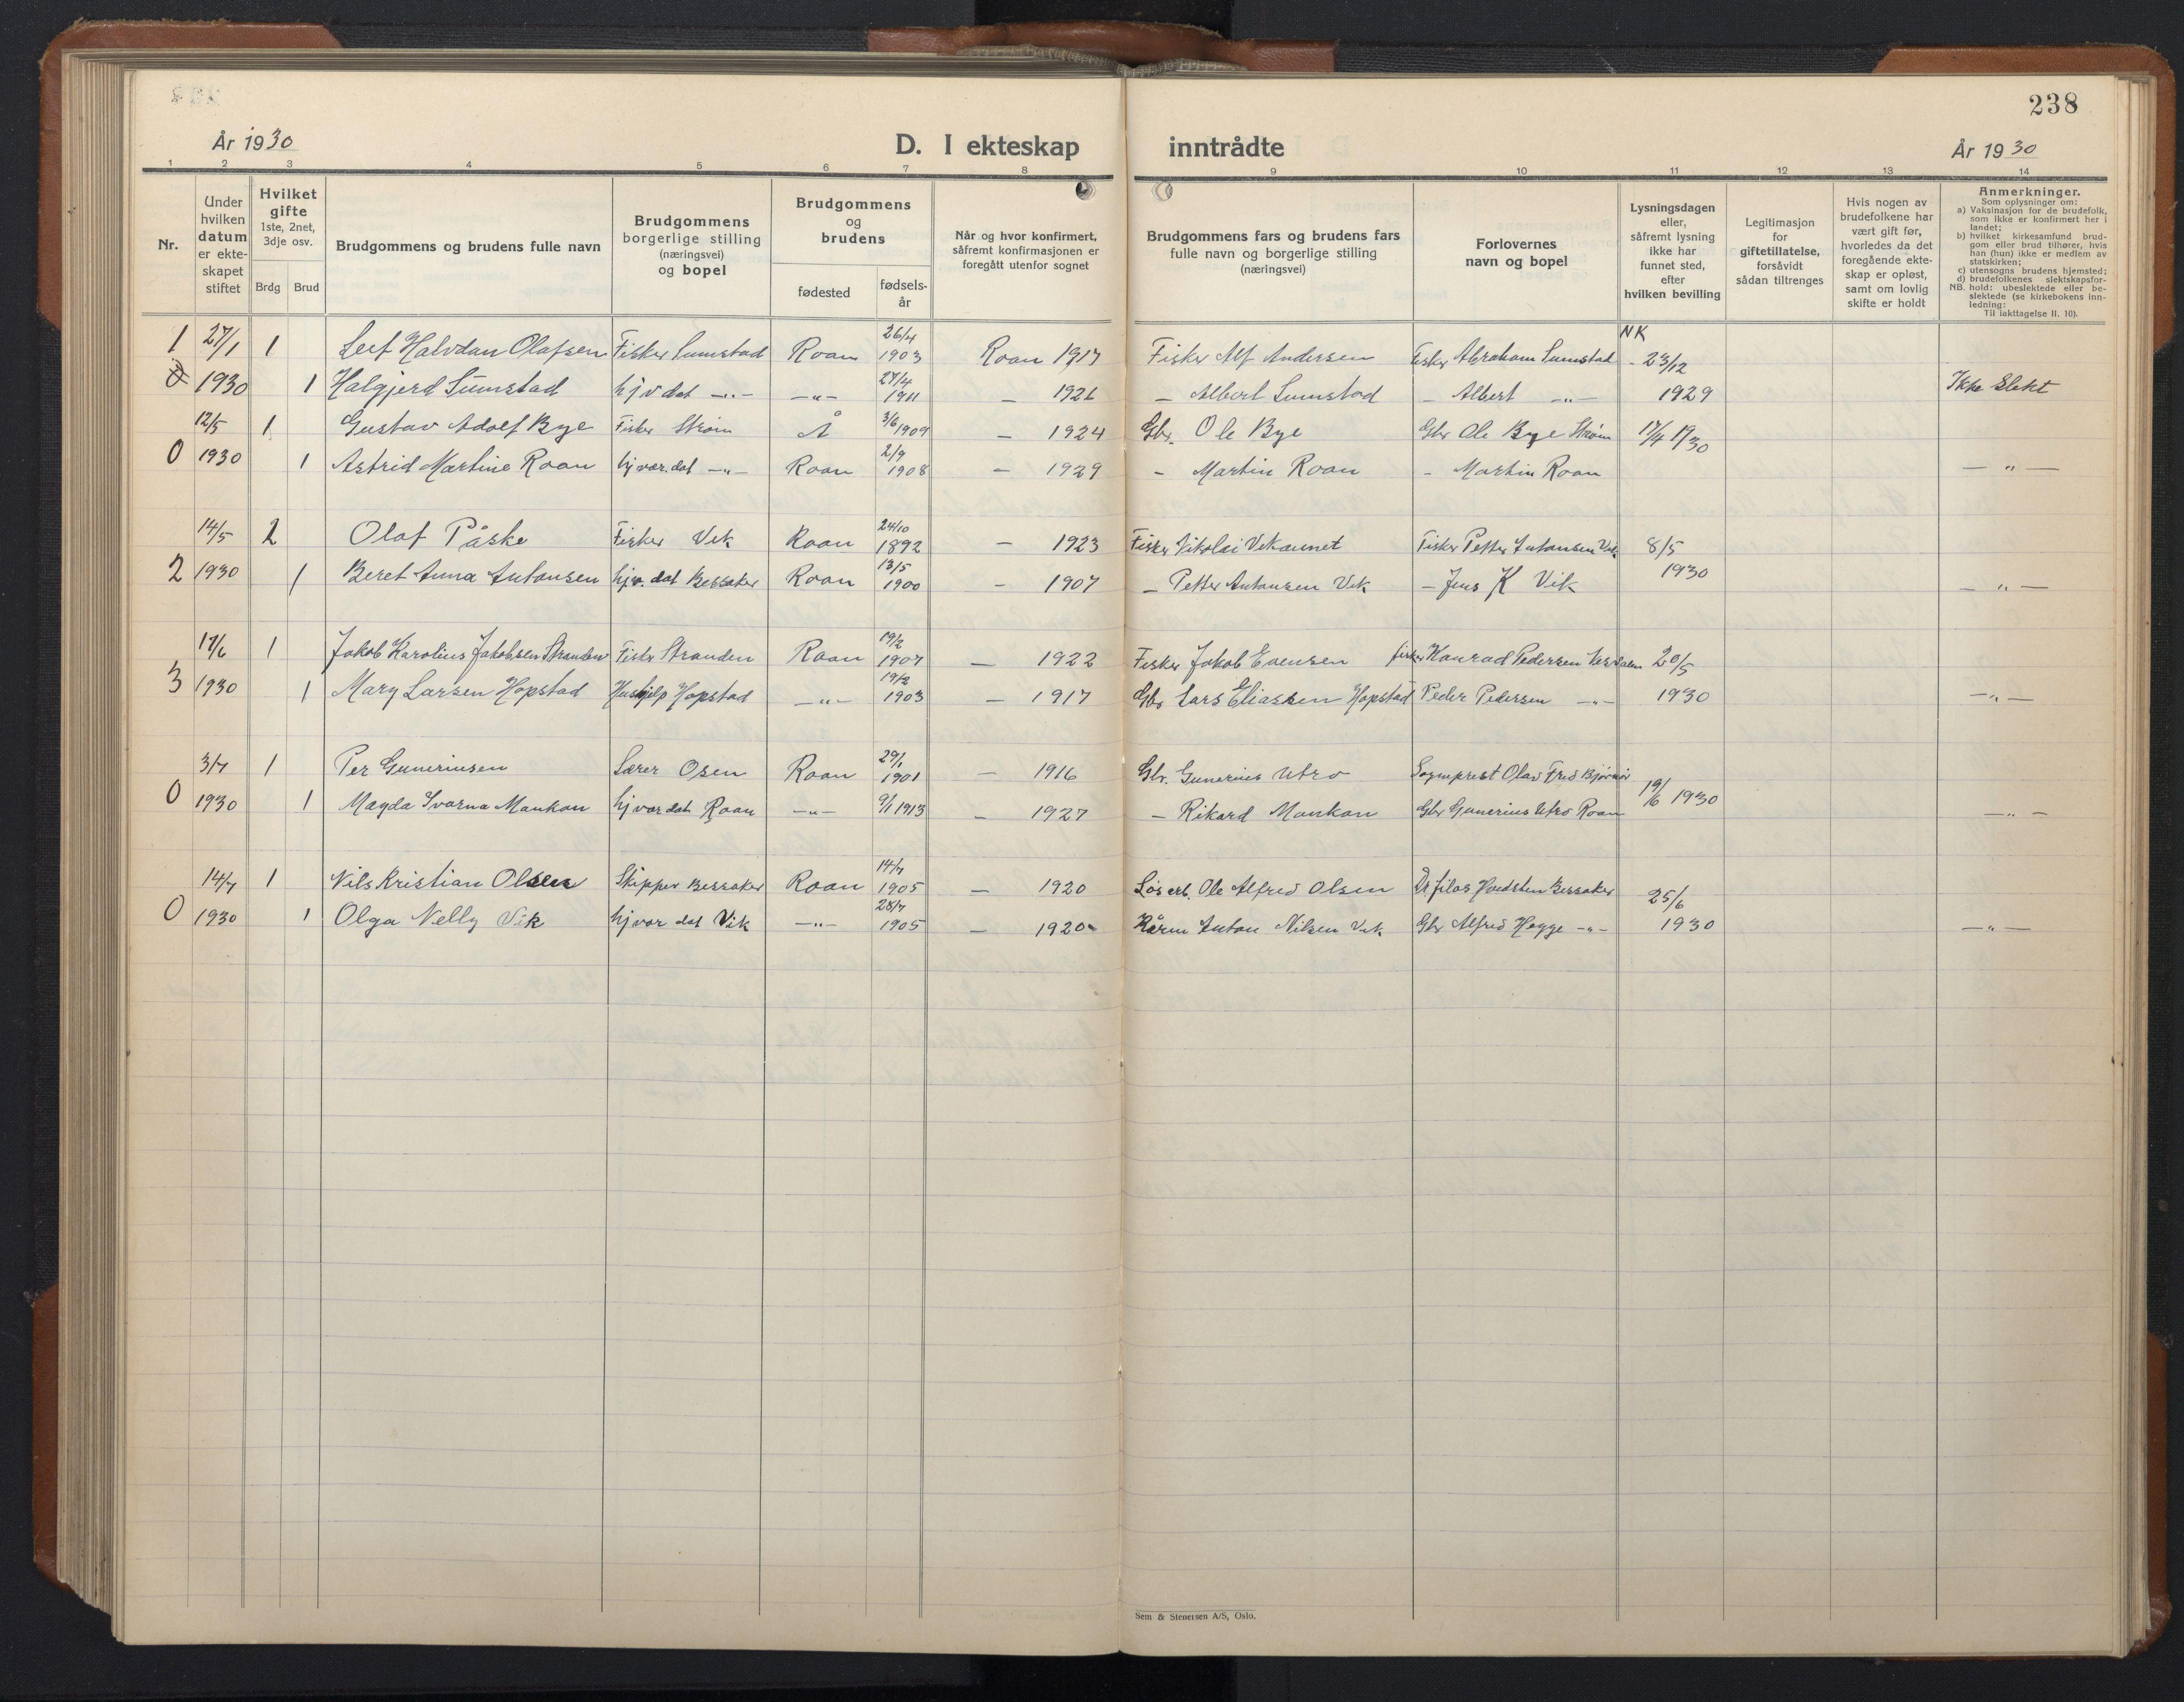 SAT, Ministerialprotokoller, klokkerbøker og fødselsregistre - Sør-Trøndelag, 657/L0718: Klokkerbok nr. 657C05, 1923-1948, s. 238